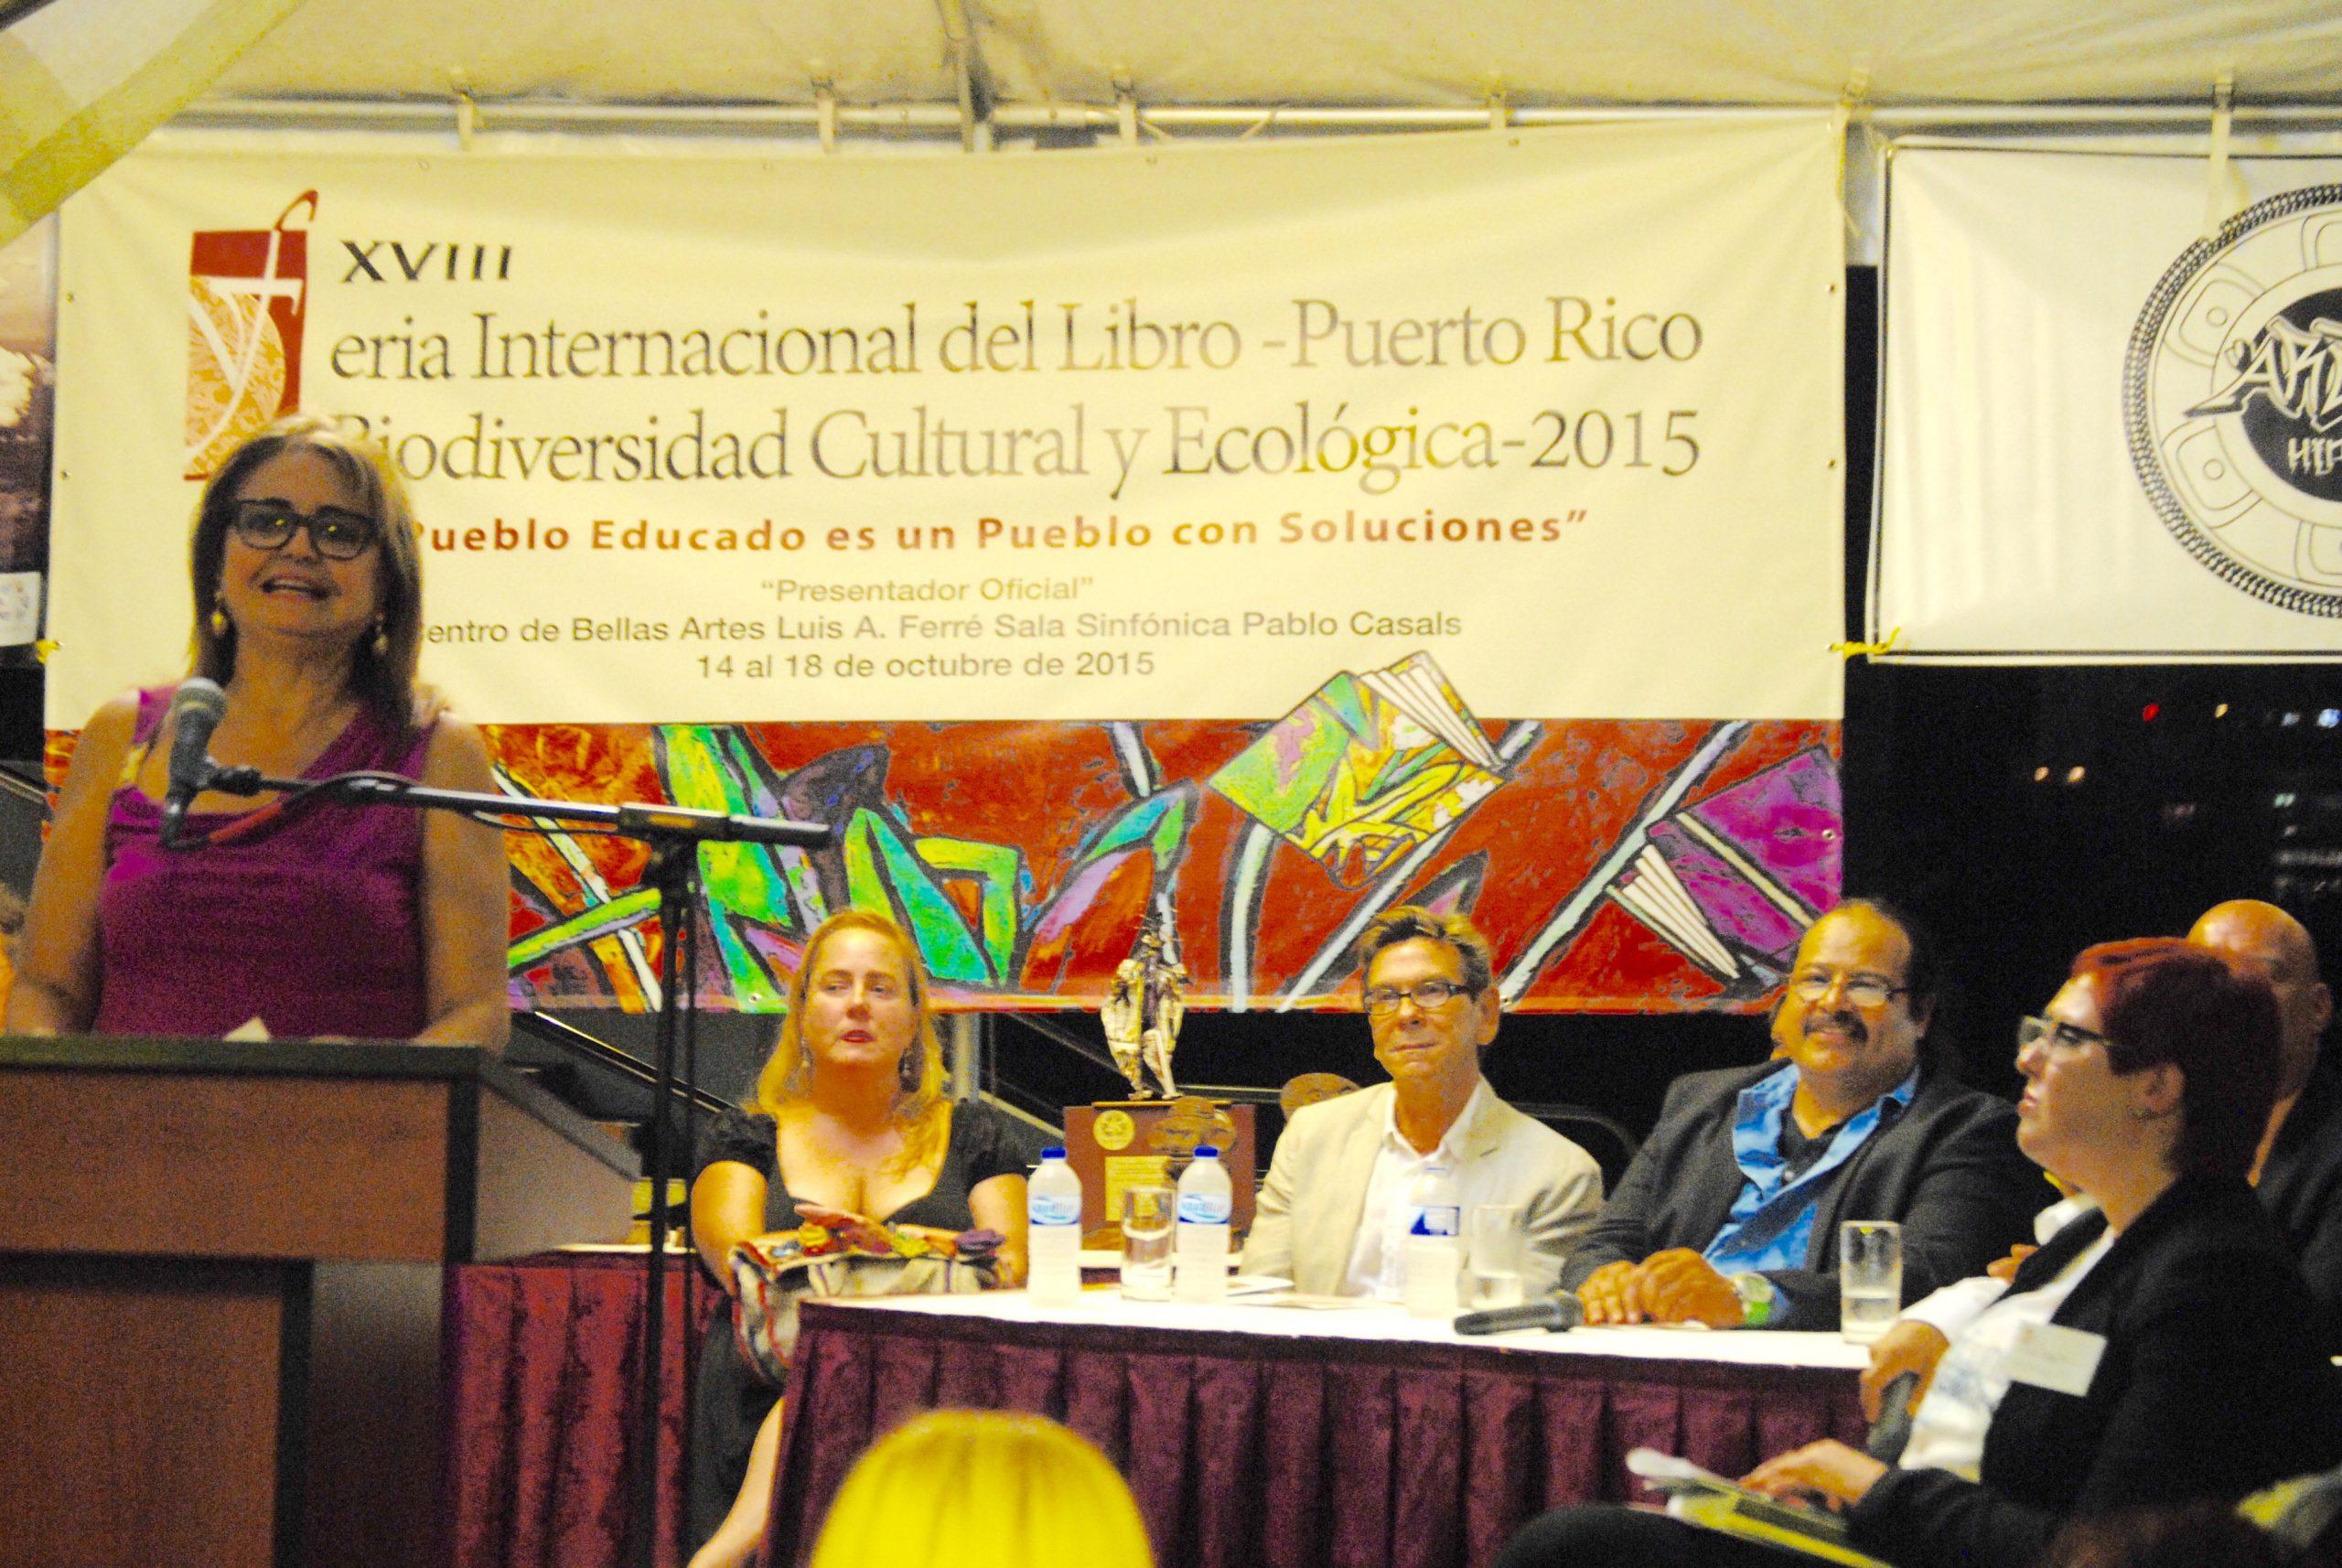 El premio al Dr. Vargas Vidot fue otorgado por voto unánime del Comité de Premiación de la Feria Internacional del Libro. (Foto Jaime Torres Torres para Fundación Nacional para la Cultura Popular)